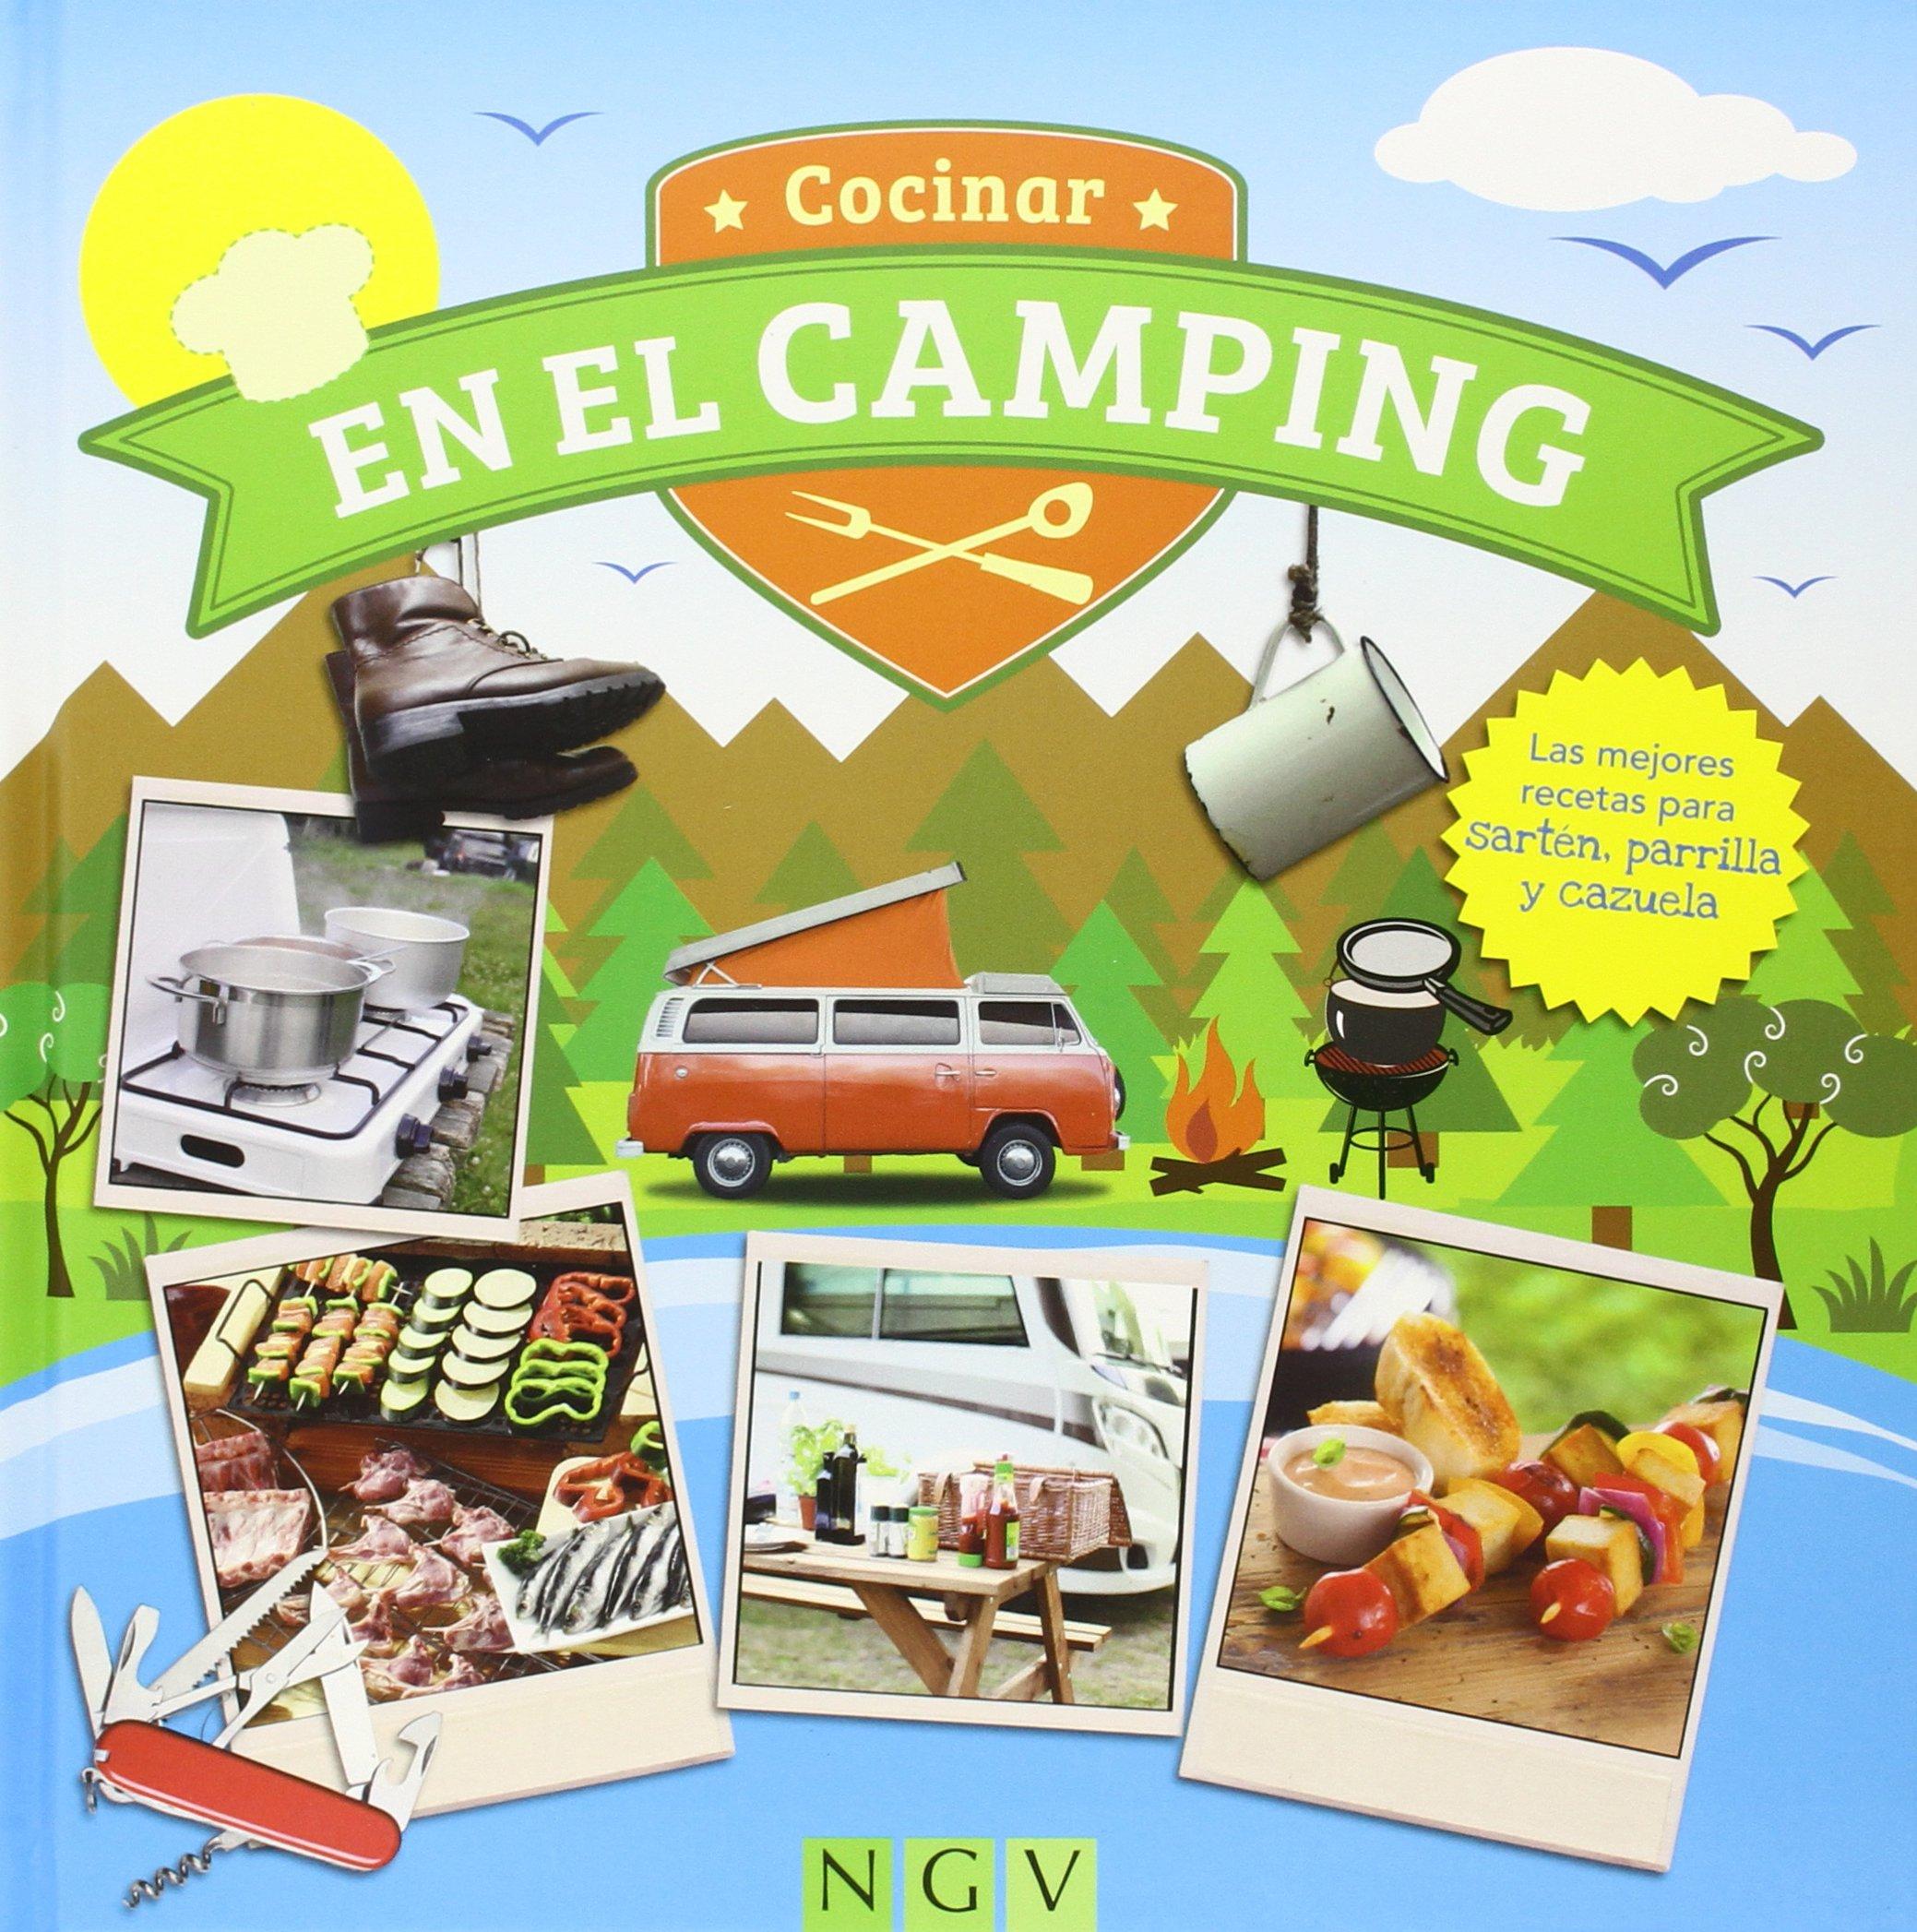 Amazon.com: COCINAR EN EL CAMPING (9783869415628): AA.VV: Books